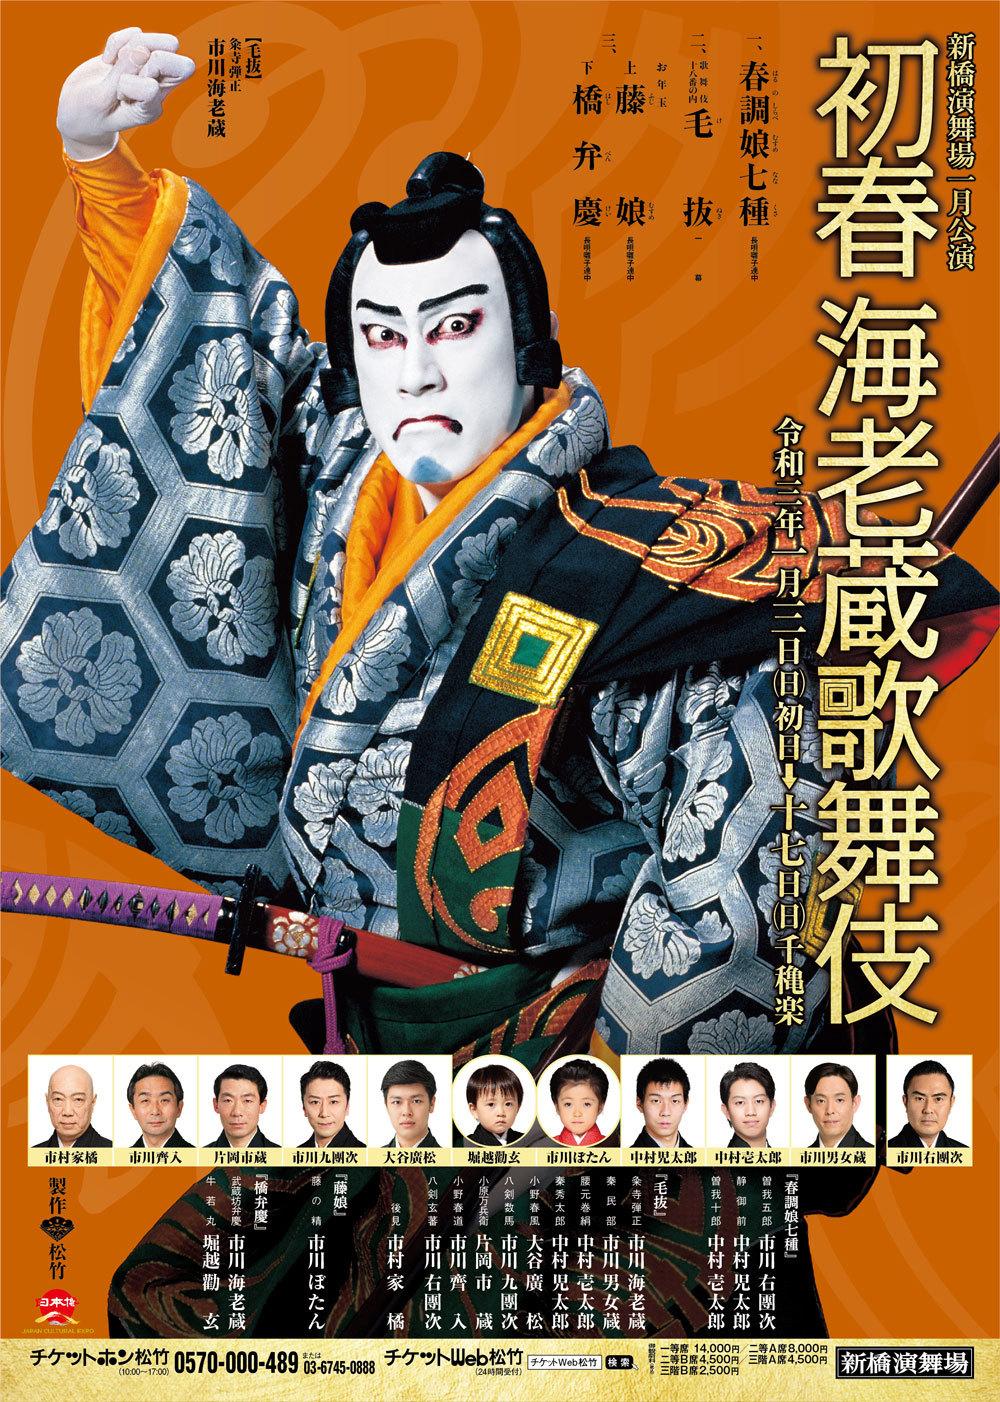 『初春 海老蔵歌舞伎』チラシより 粂寺弾正の拵えをした、市川海老蔵。